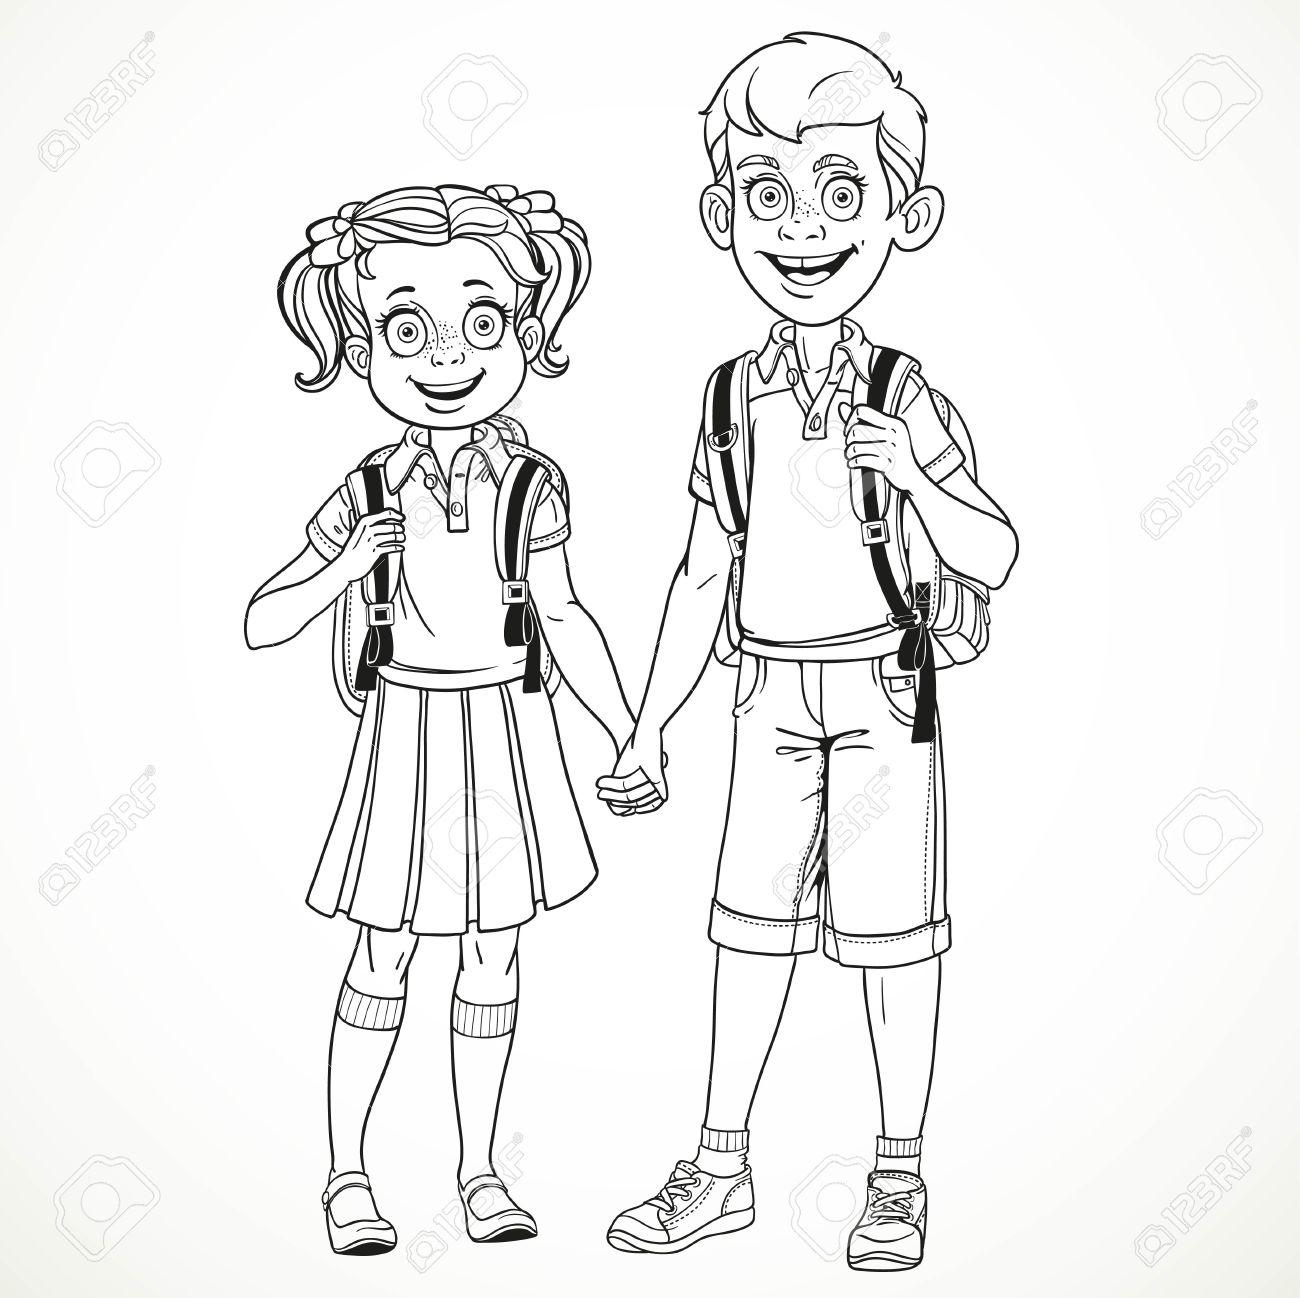 1300x1298 Drawings Of A Boy N Girl